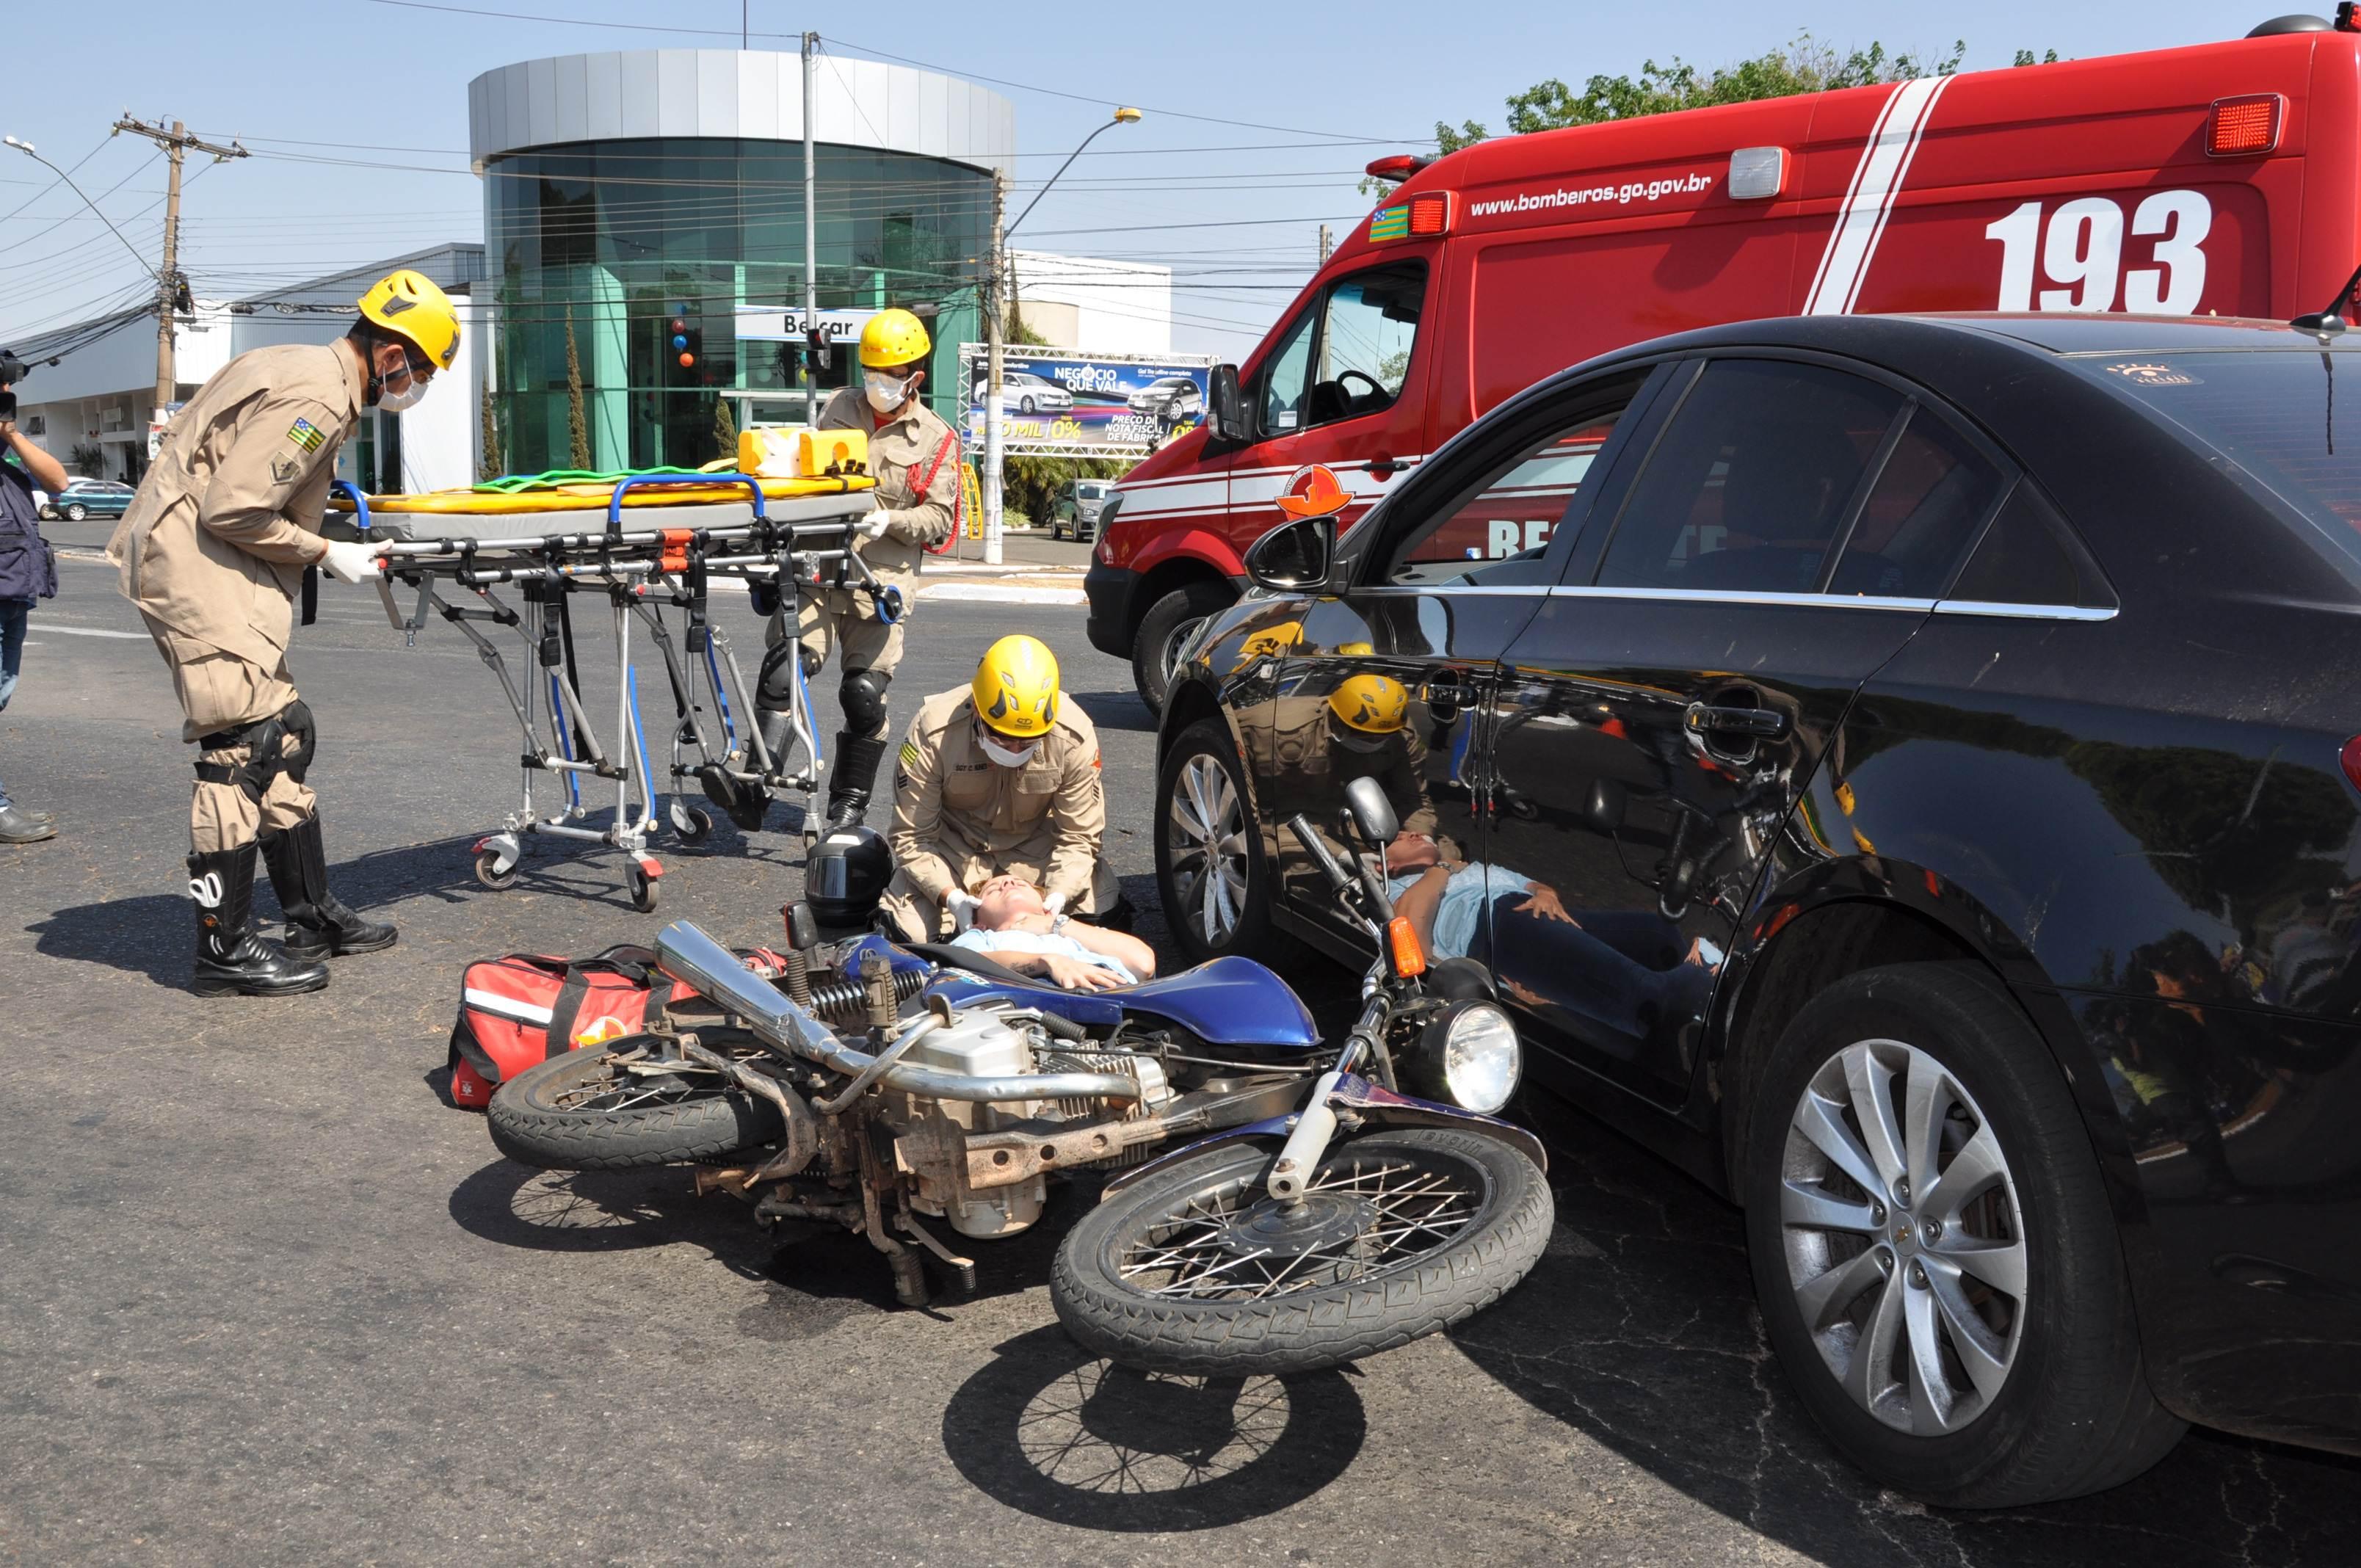 Simulação de acidente, realizada pelo Corpo de Bombeiros, em parceria com o Detran-GO, alerta população para os riscos do desrespeito às leis de trânsito | Foto: Divulgação / Detran-GO